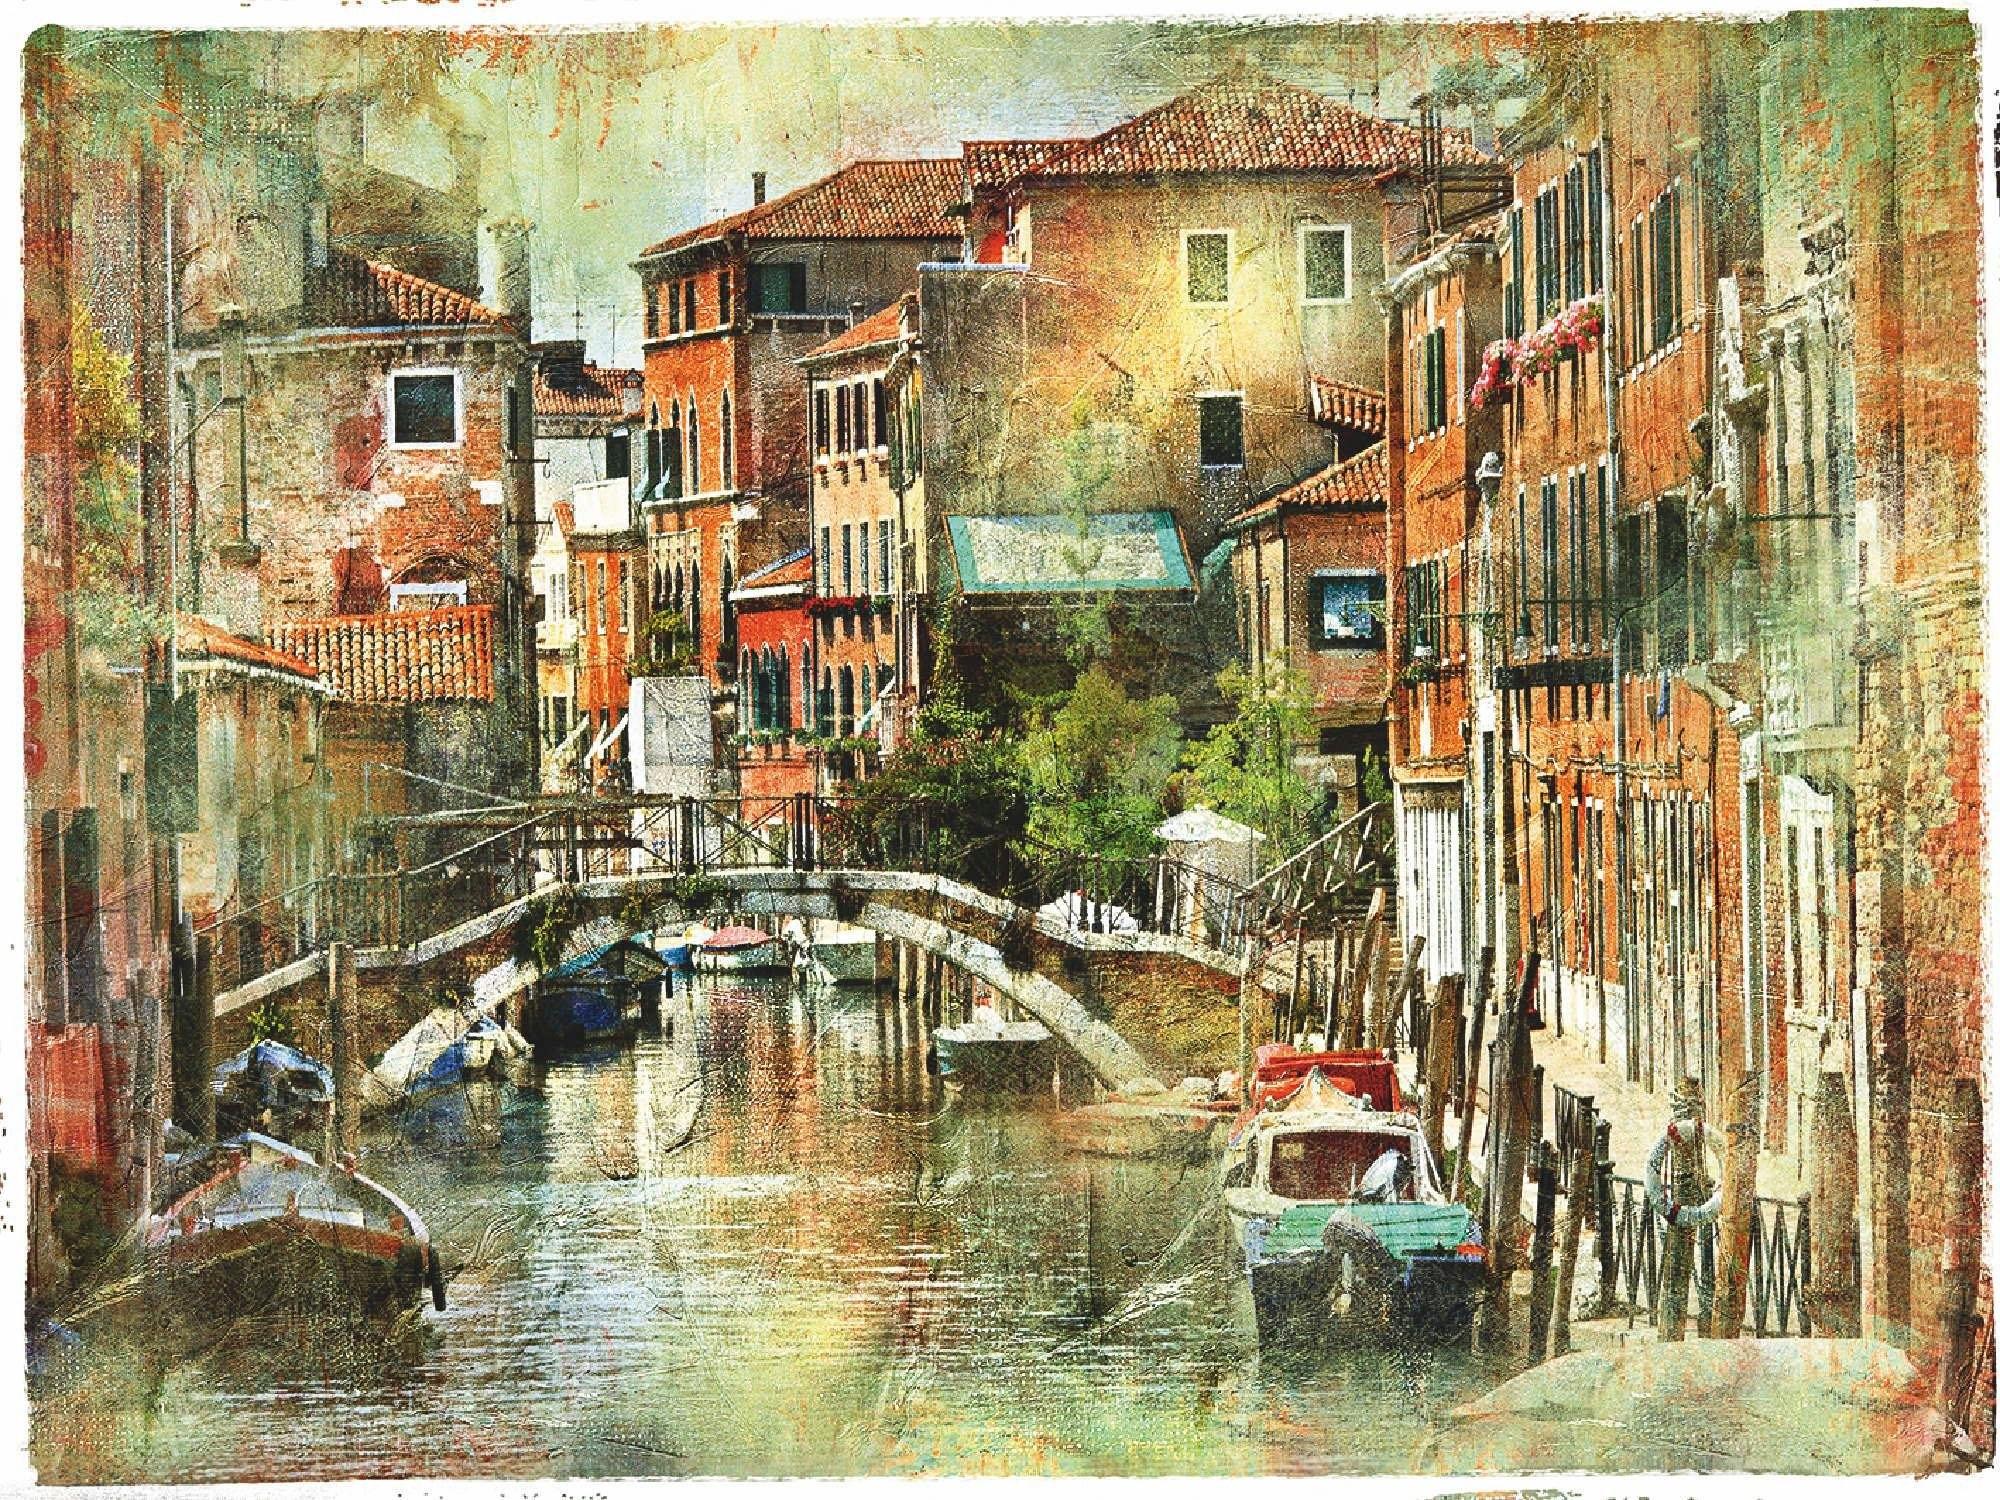 Home affaire artprint op linnen Venetië, Artistieke presentatie in schilderstijl 80/60 cm bestellen: 30 dagen bedenktijd